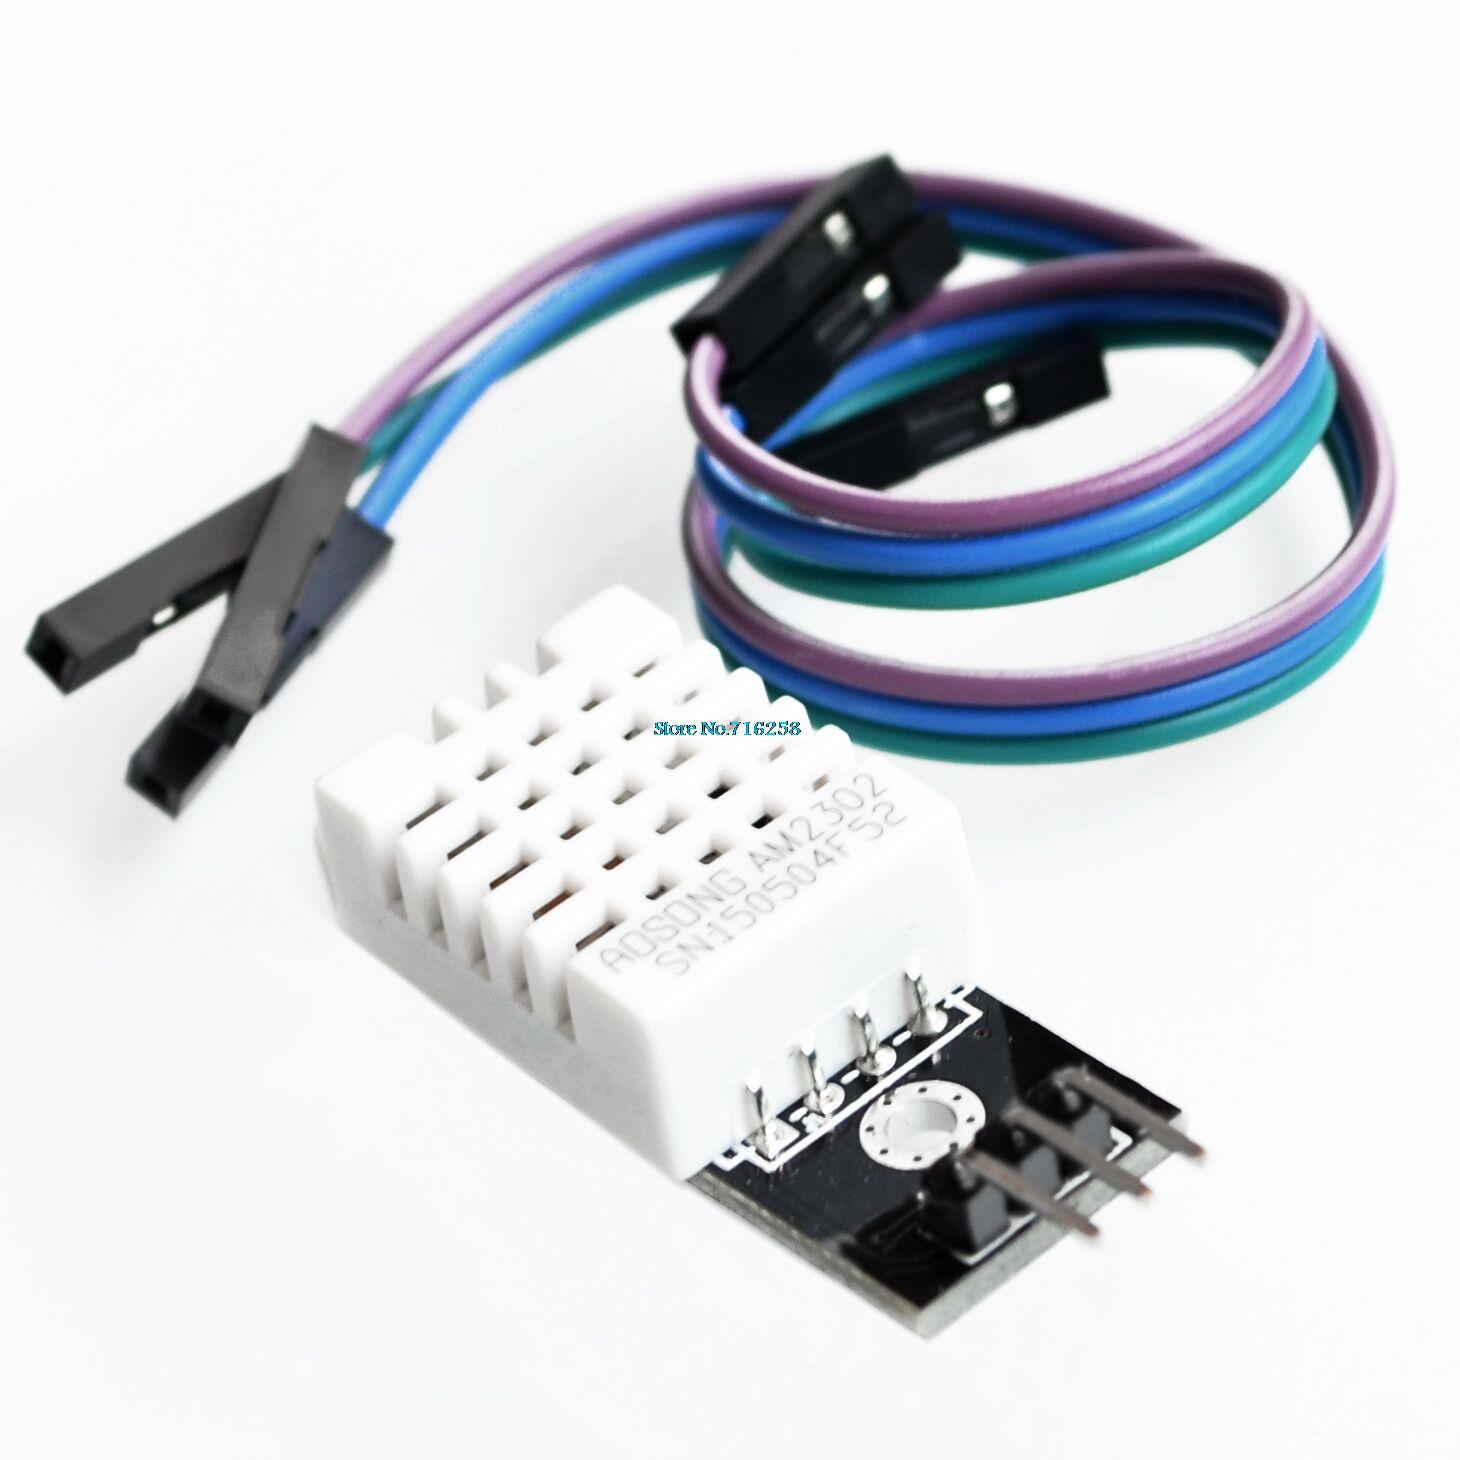 Модульный датчик температуры и влажности DHT22 Сенсор AM2302 + PCB eith кабель